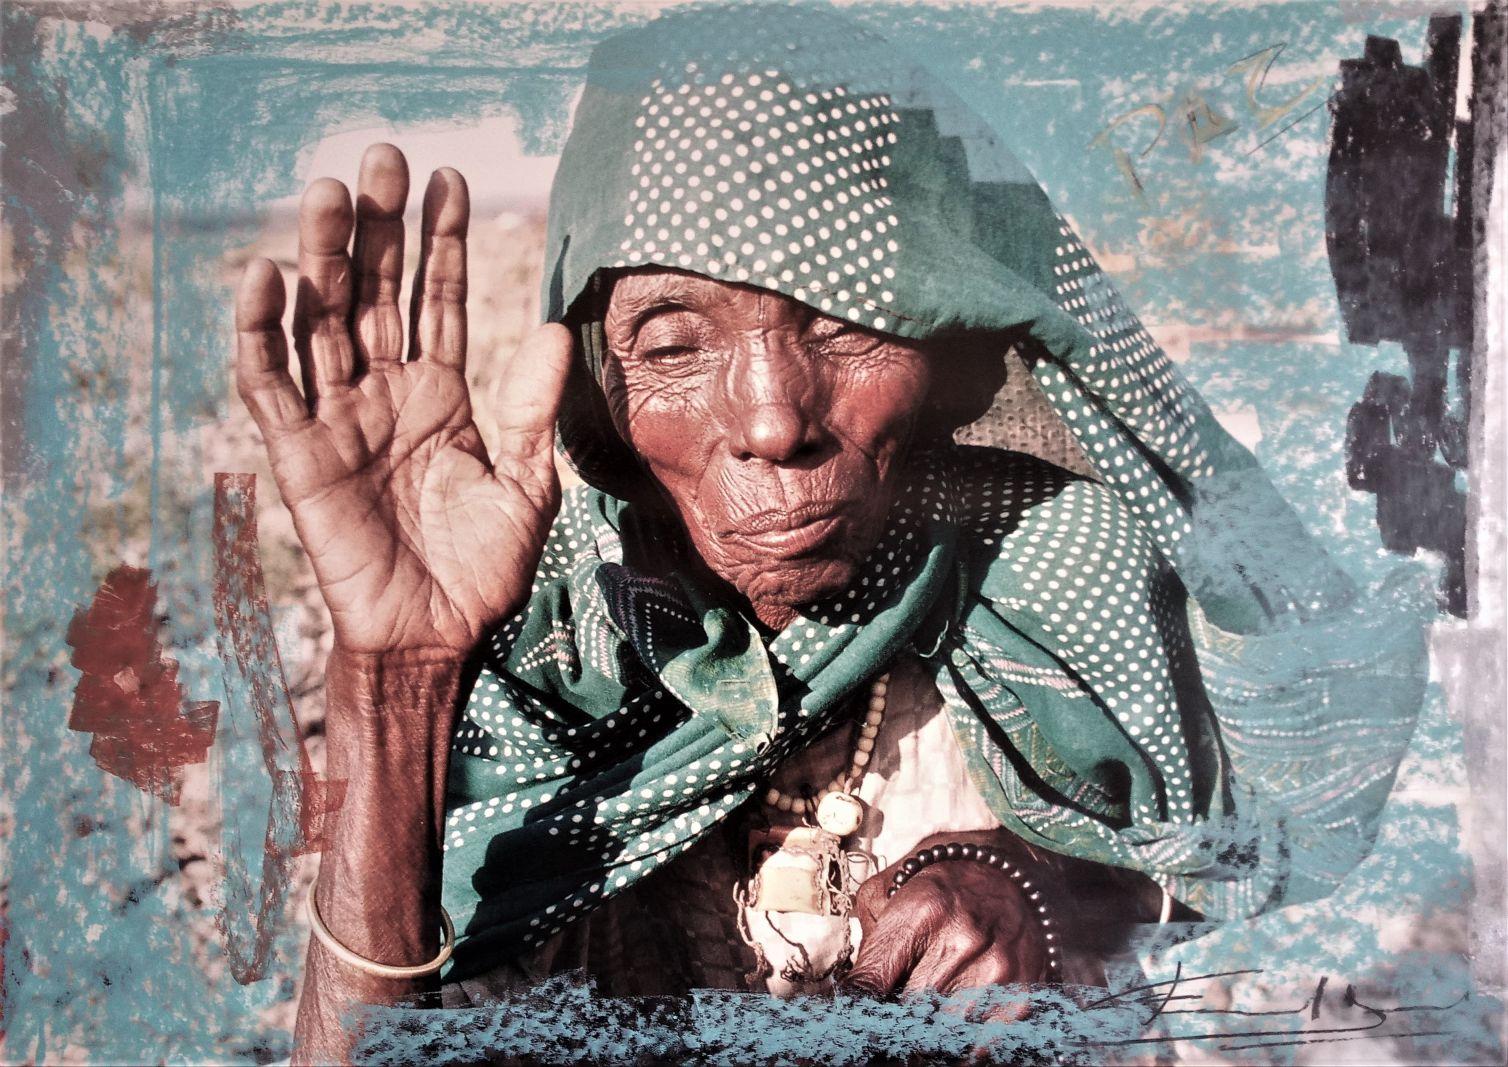 La Paz (1998) - Nando von Darder